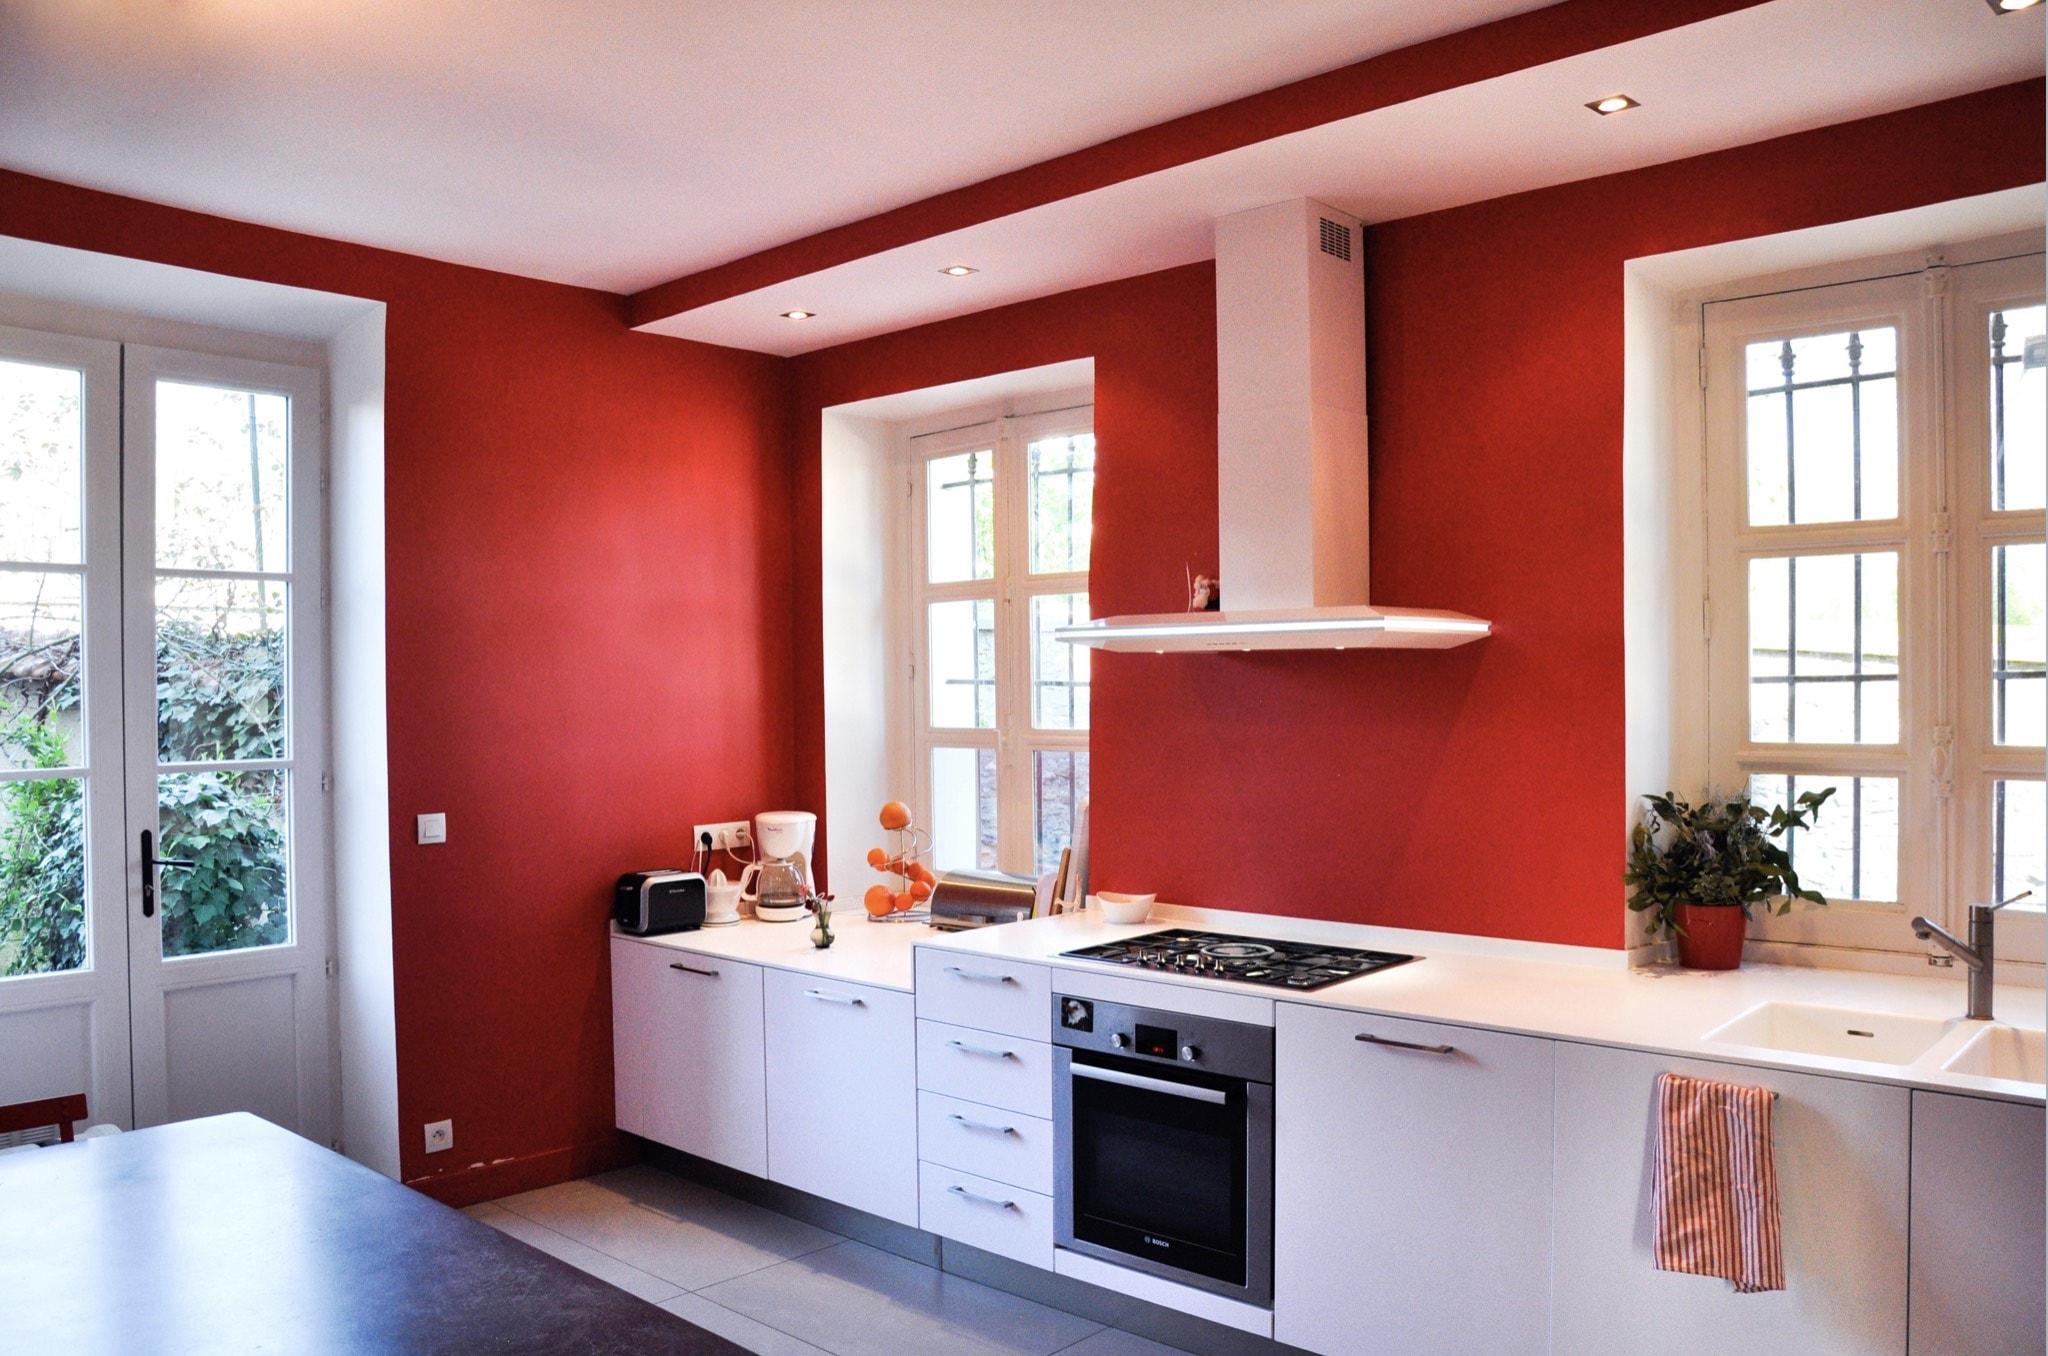 Cuisine de maison, murs rouge